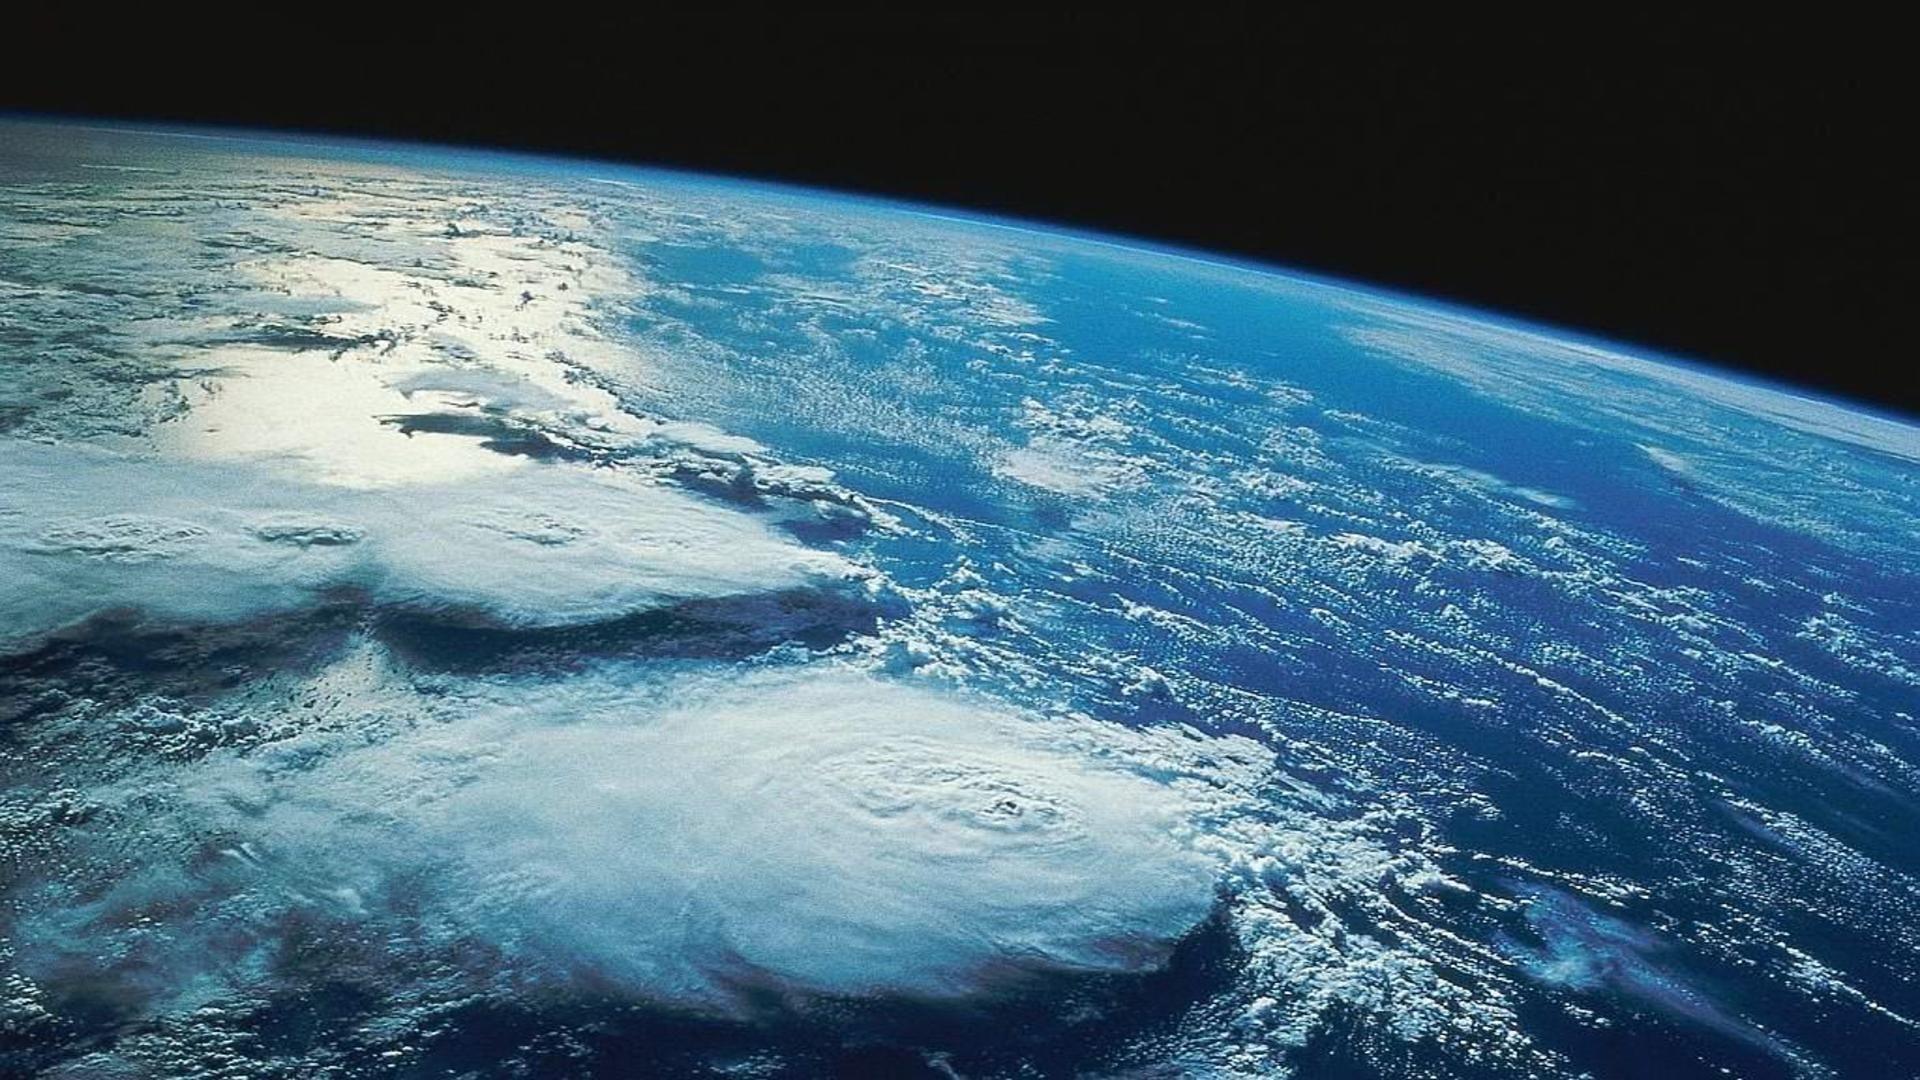 Кислородная трагедия произошла на10 млн лет прежде, чем считалось— Геофизики